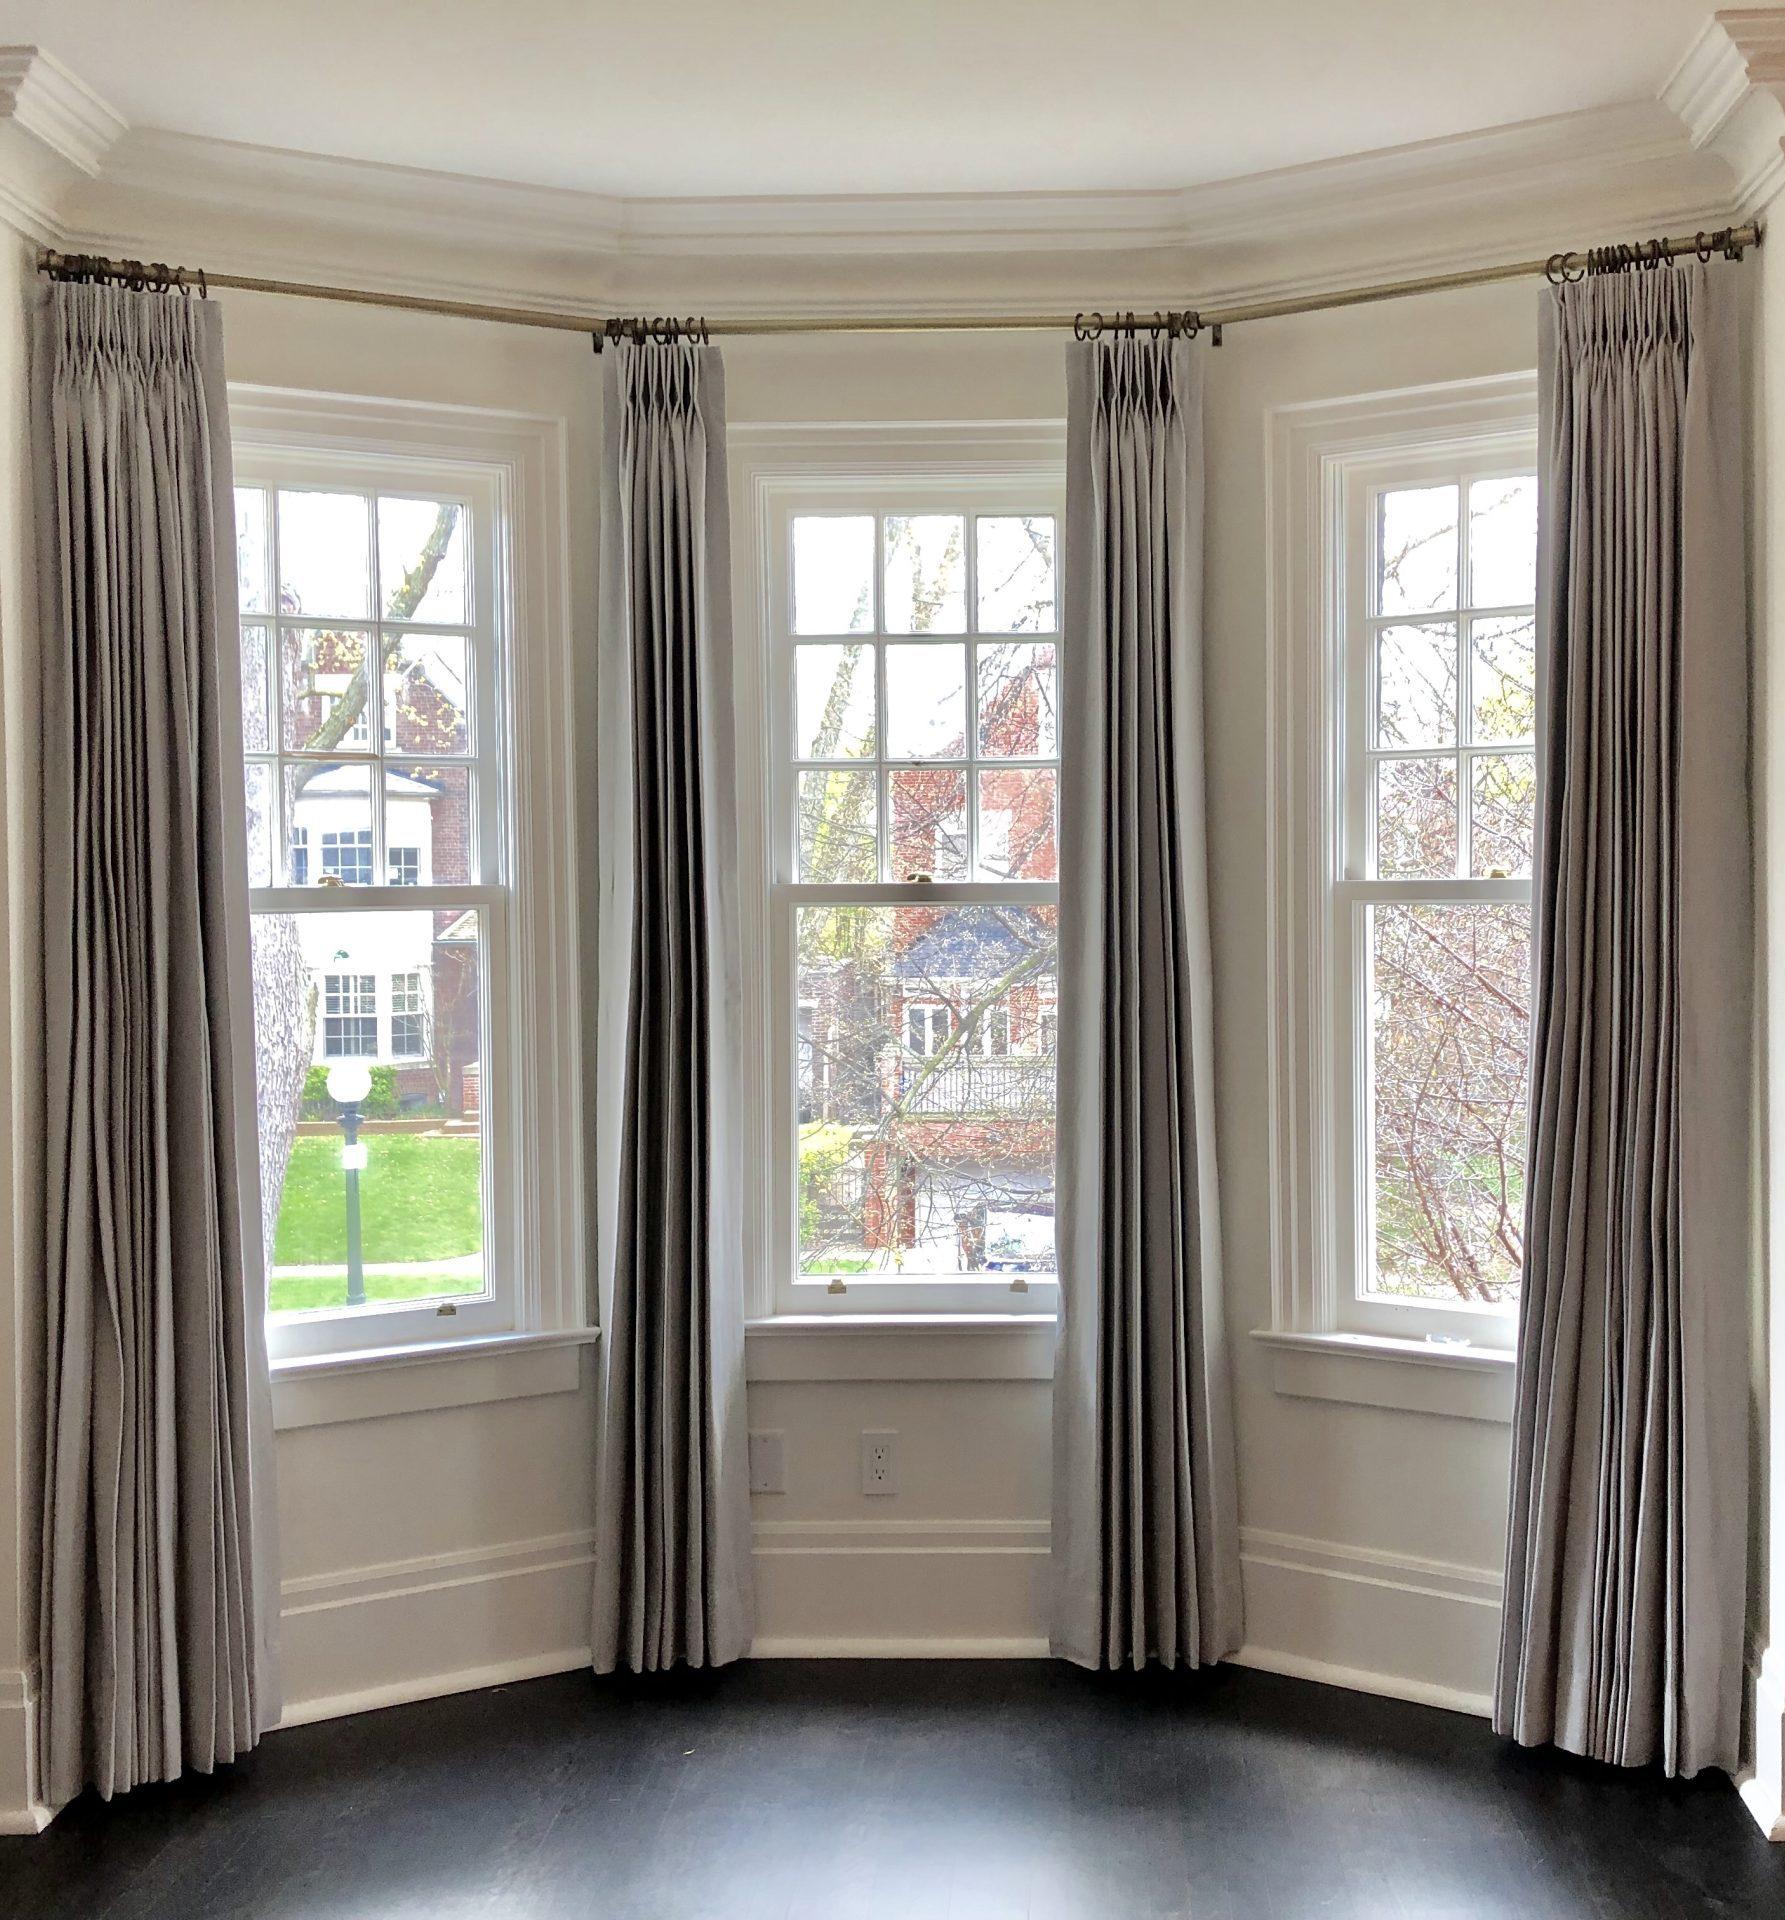 Rosedale Master Bedroom Drapery - Bow Window